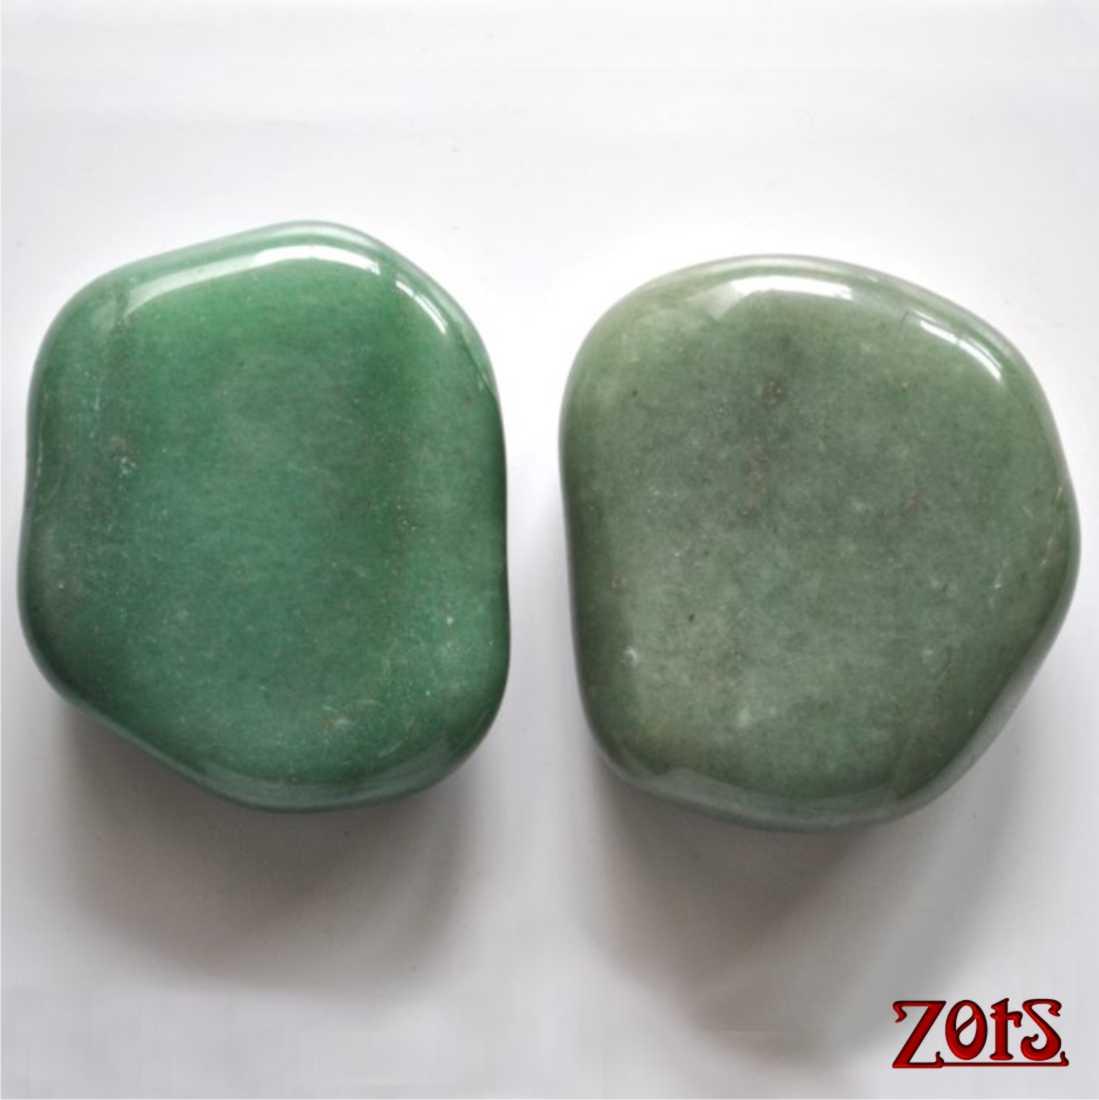 Kit Pedras Posicionamento Quartzo Verde  - Zots